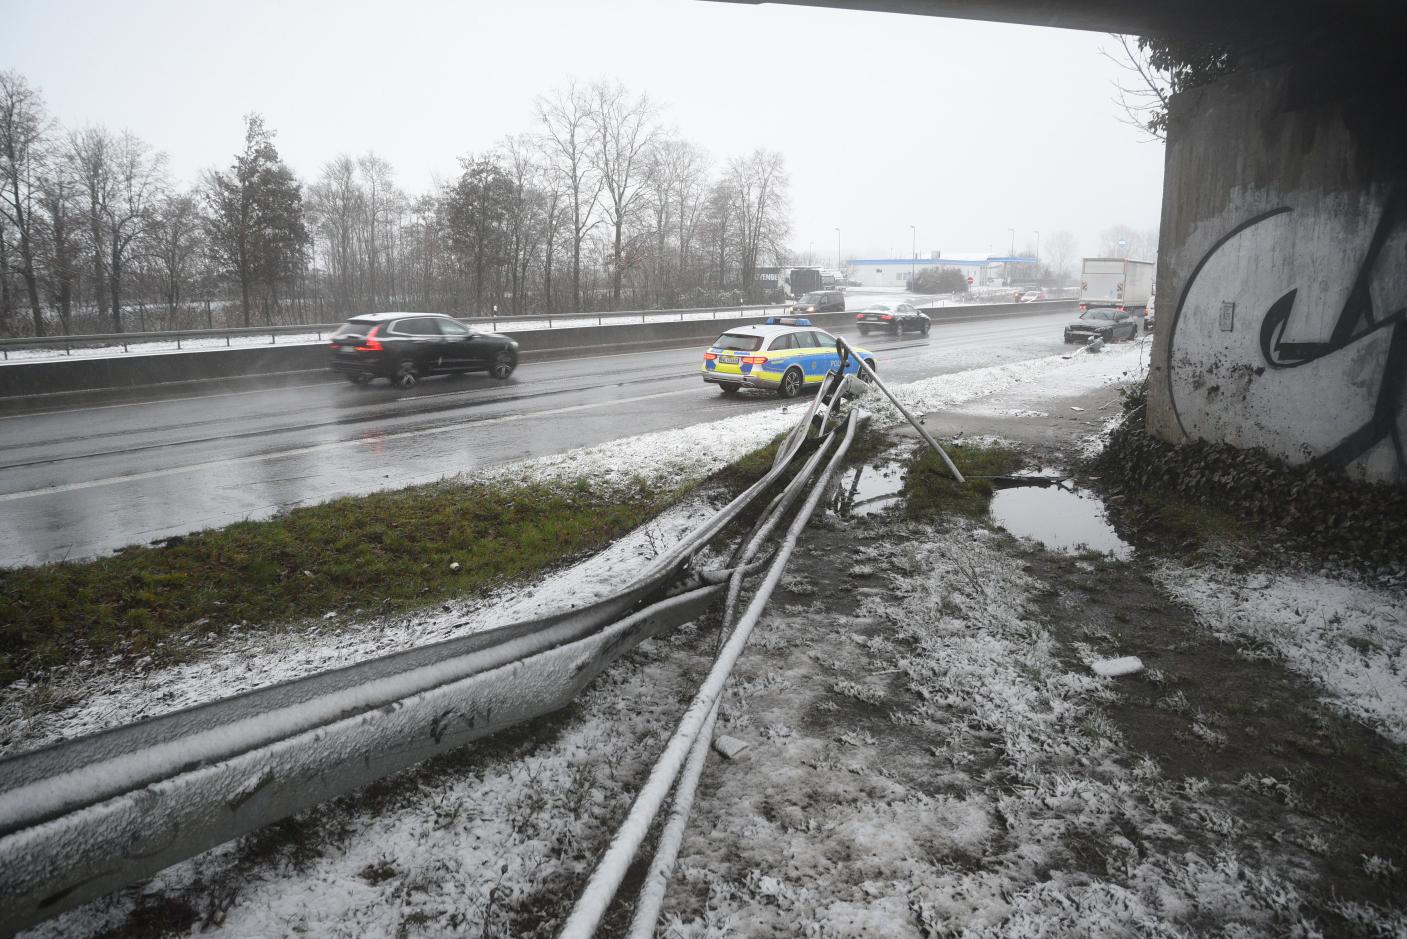 Viernheim: Schwerer Verkehrsunfall auf der A659 - Autofahrer lebensgefährlich verletzt